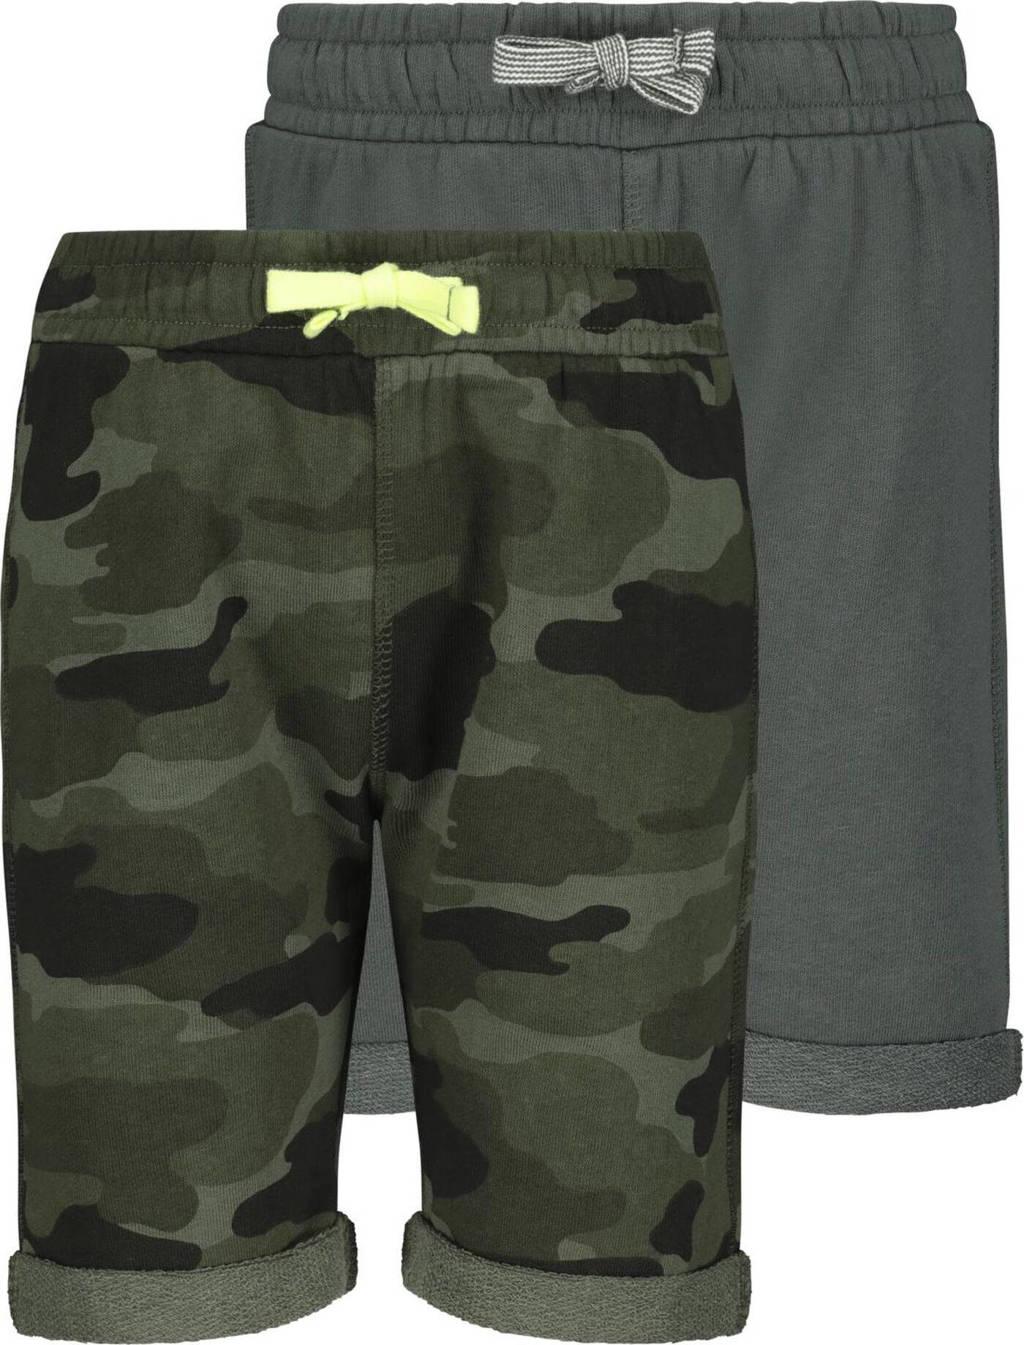 HEMA sweatshort - set van 2 groen, Groen